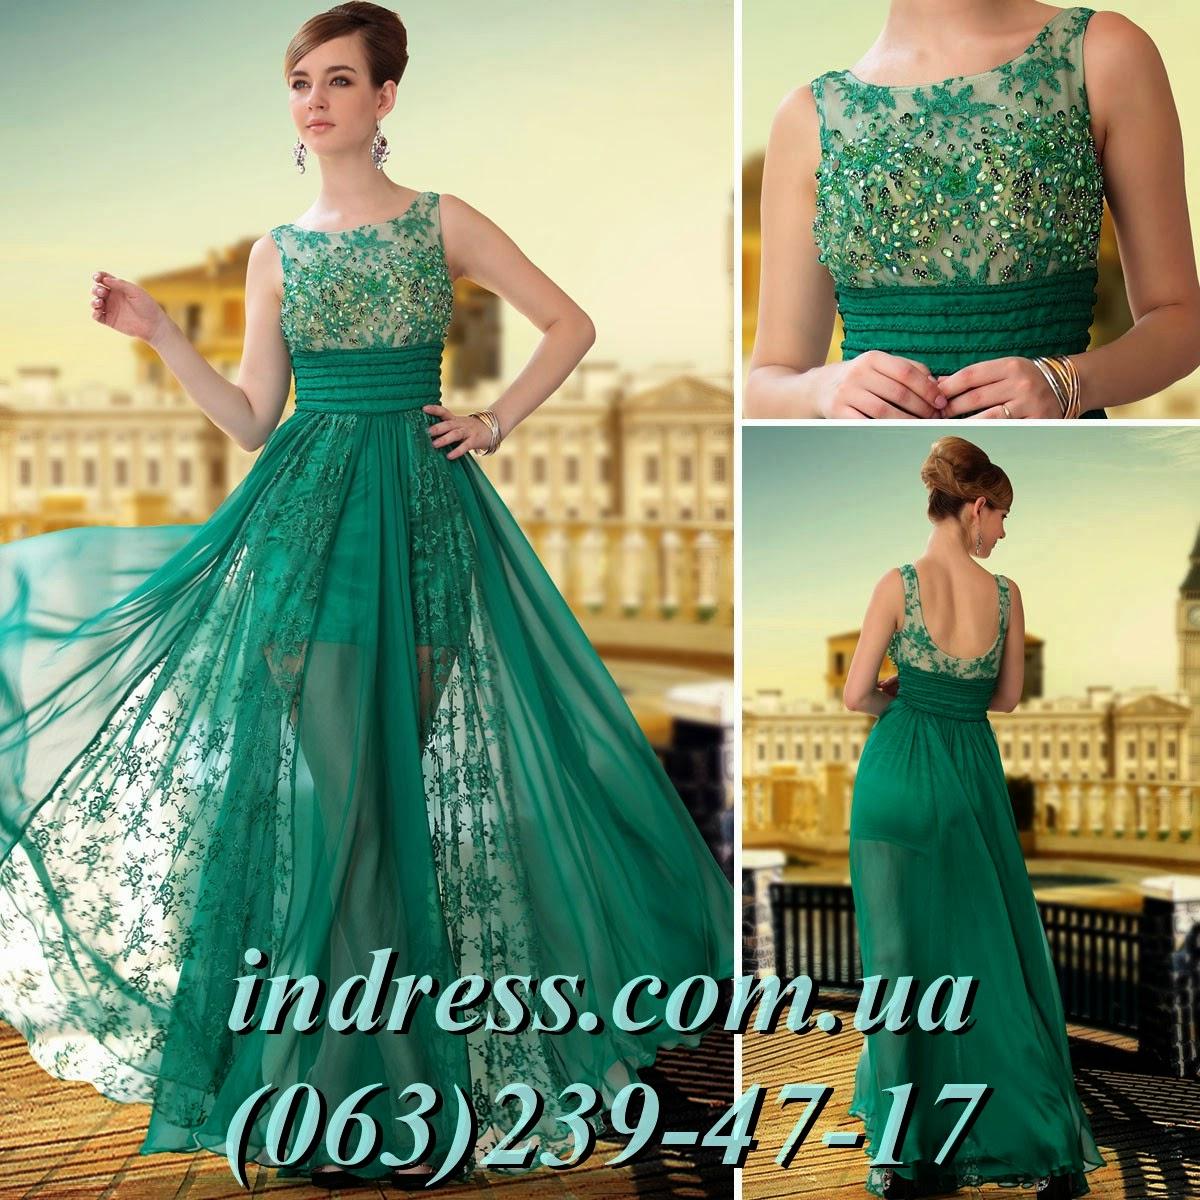 Недорогие вечерние платья украина